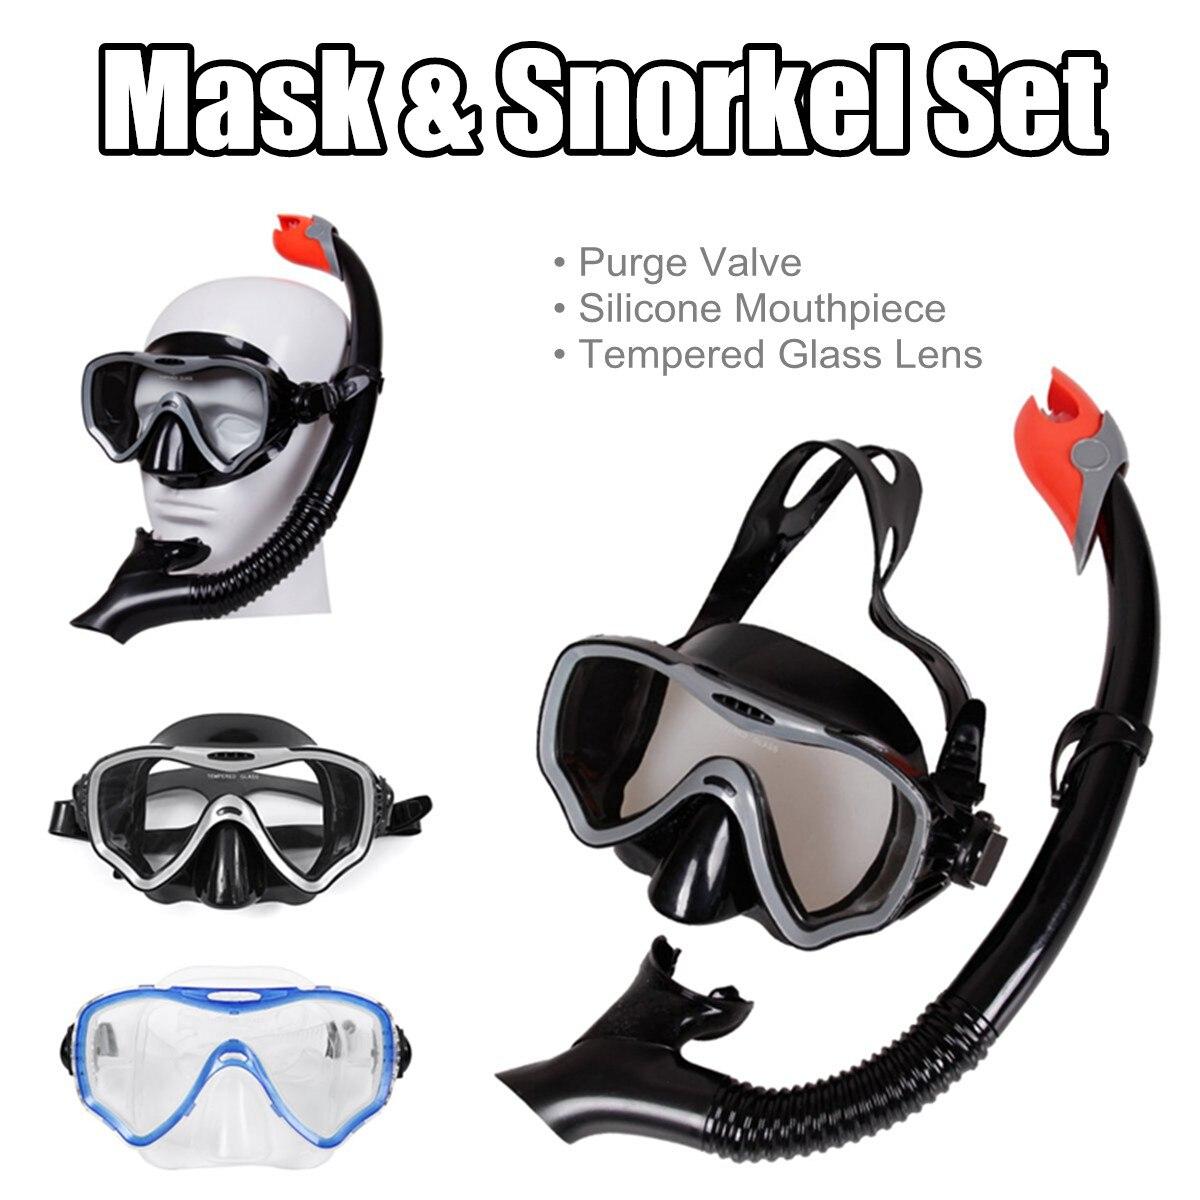 Adattabile Professionale Scuba Diving Maschera E Vetro Temperato Boccagli Anti-nebbia Occhiali Occhiali Da Nuoto Immersioni Facile Breath Tubo Set Di 2 Colore